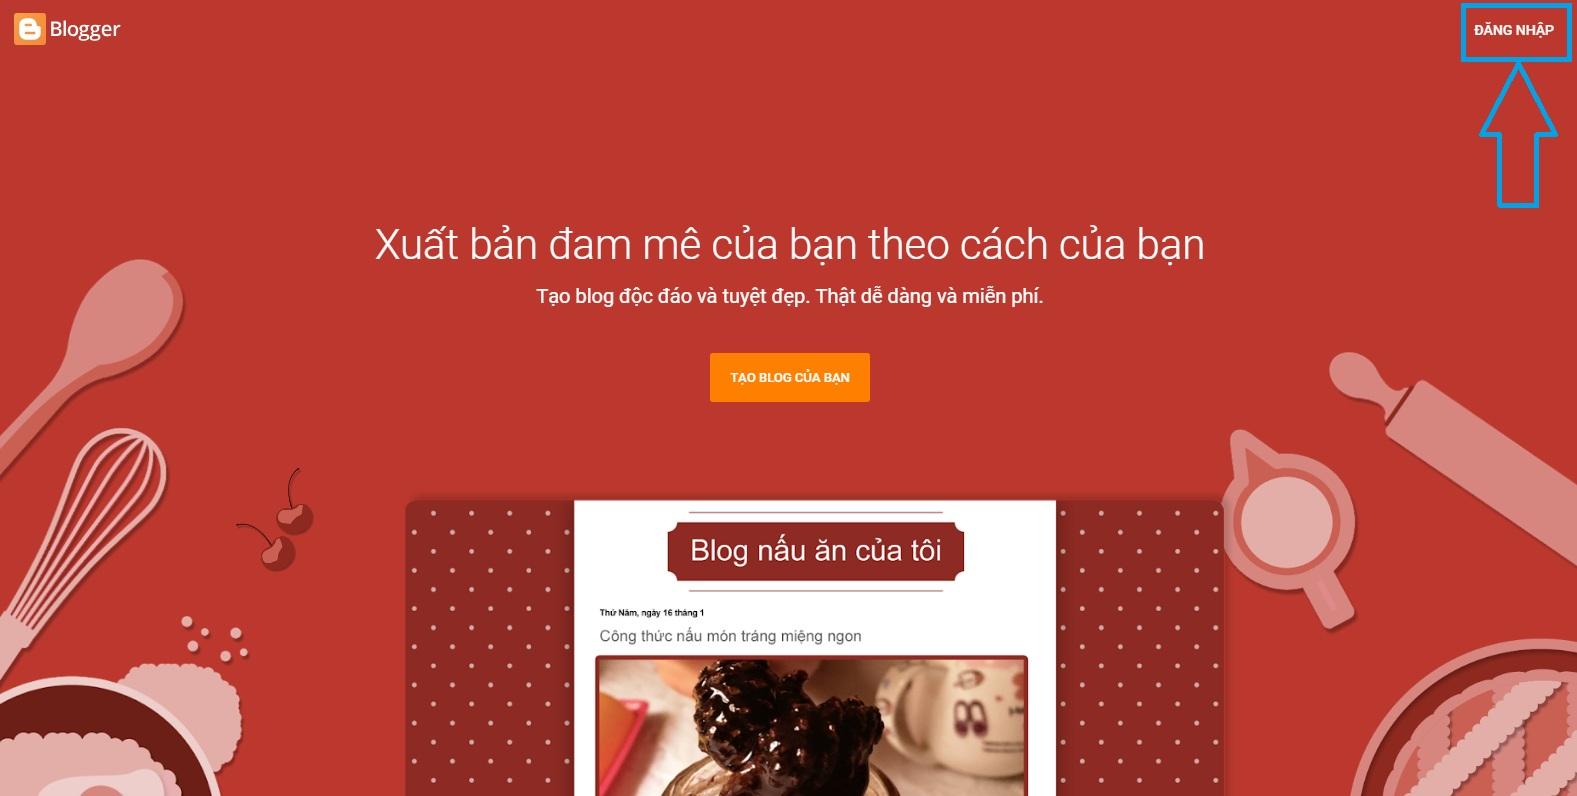 Đăng nhập vào trang chủ Blogger để tạo blog